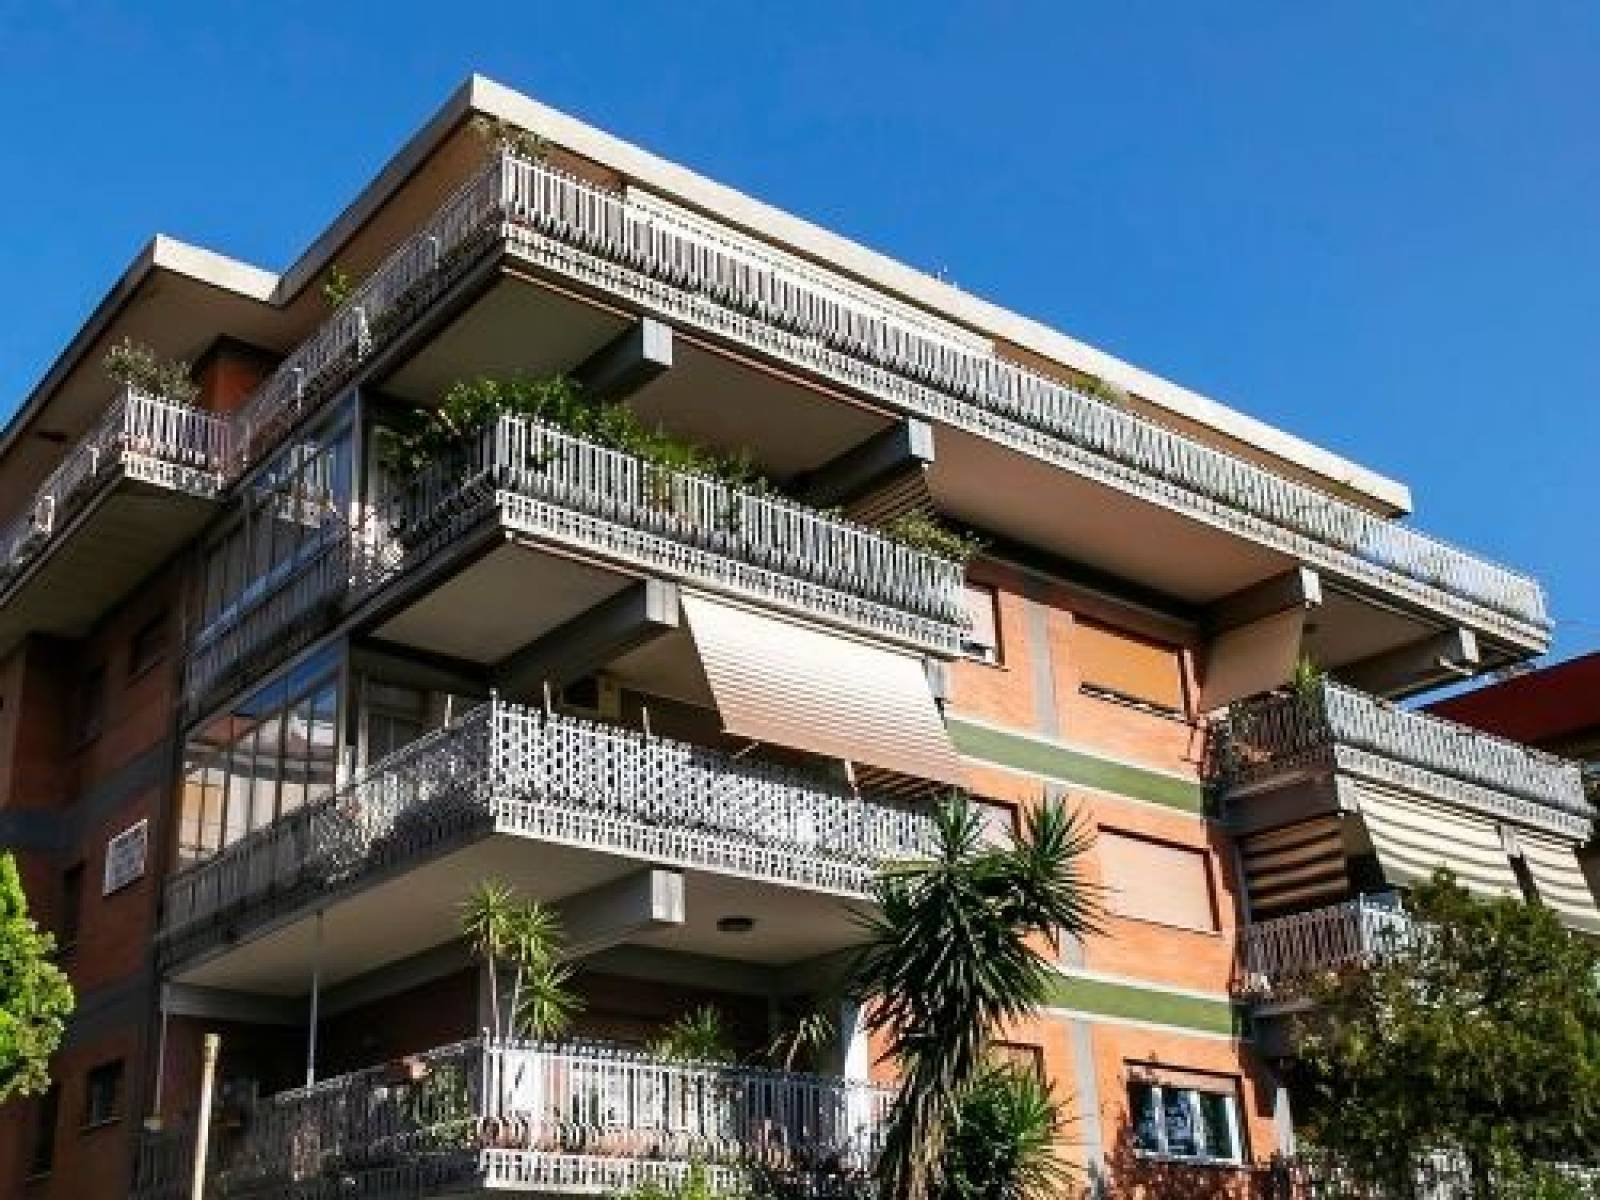 Appartamento in vendita a Roma, 2 locali, zona Zona: 5 . Montesacro - Talenti, prezzo € 144.000   CambioCasa.it